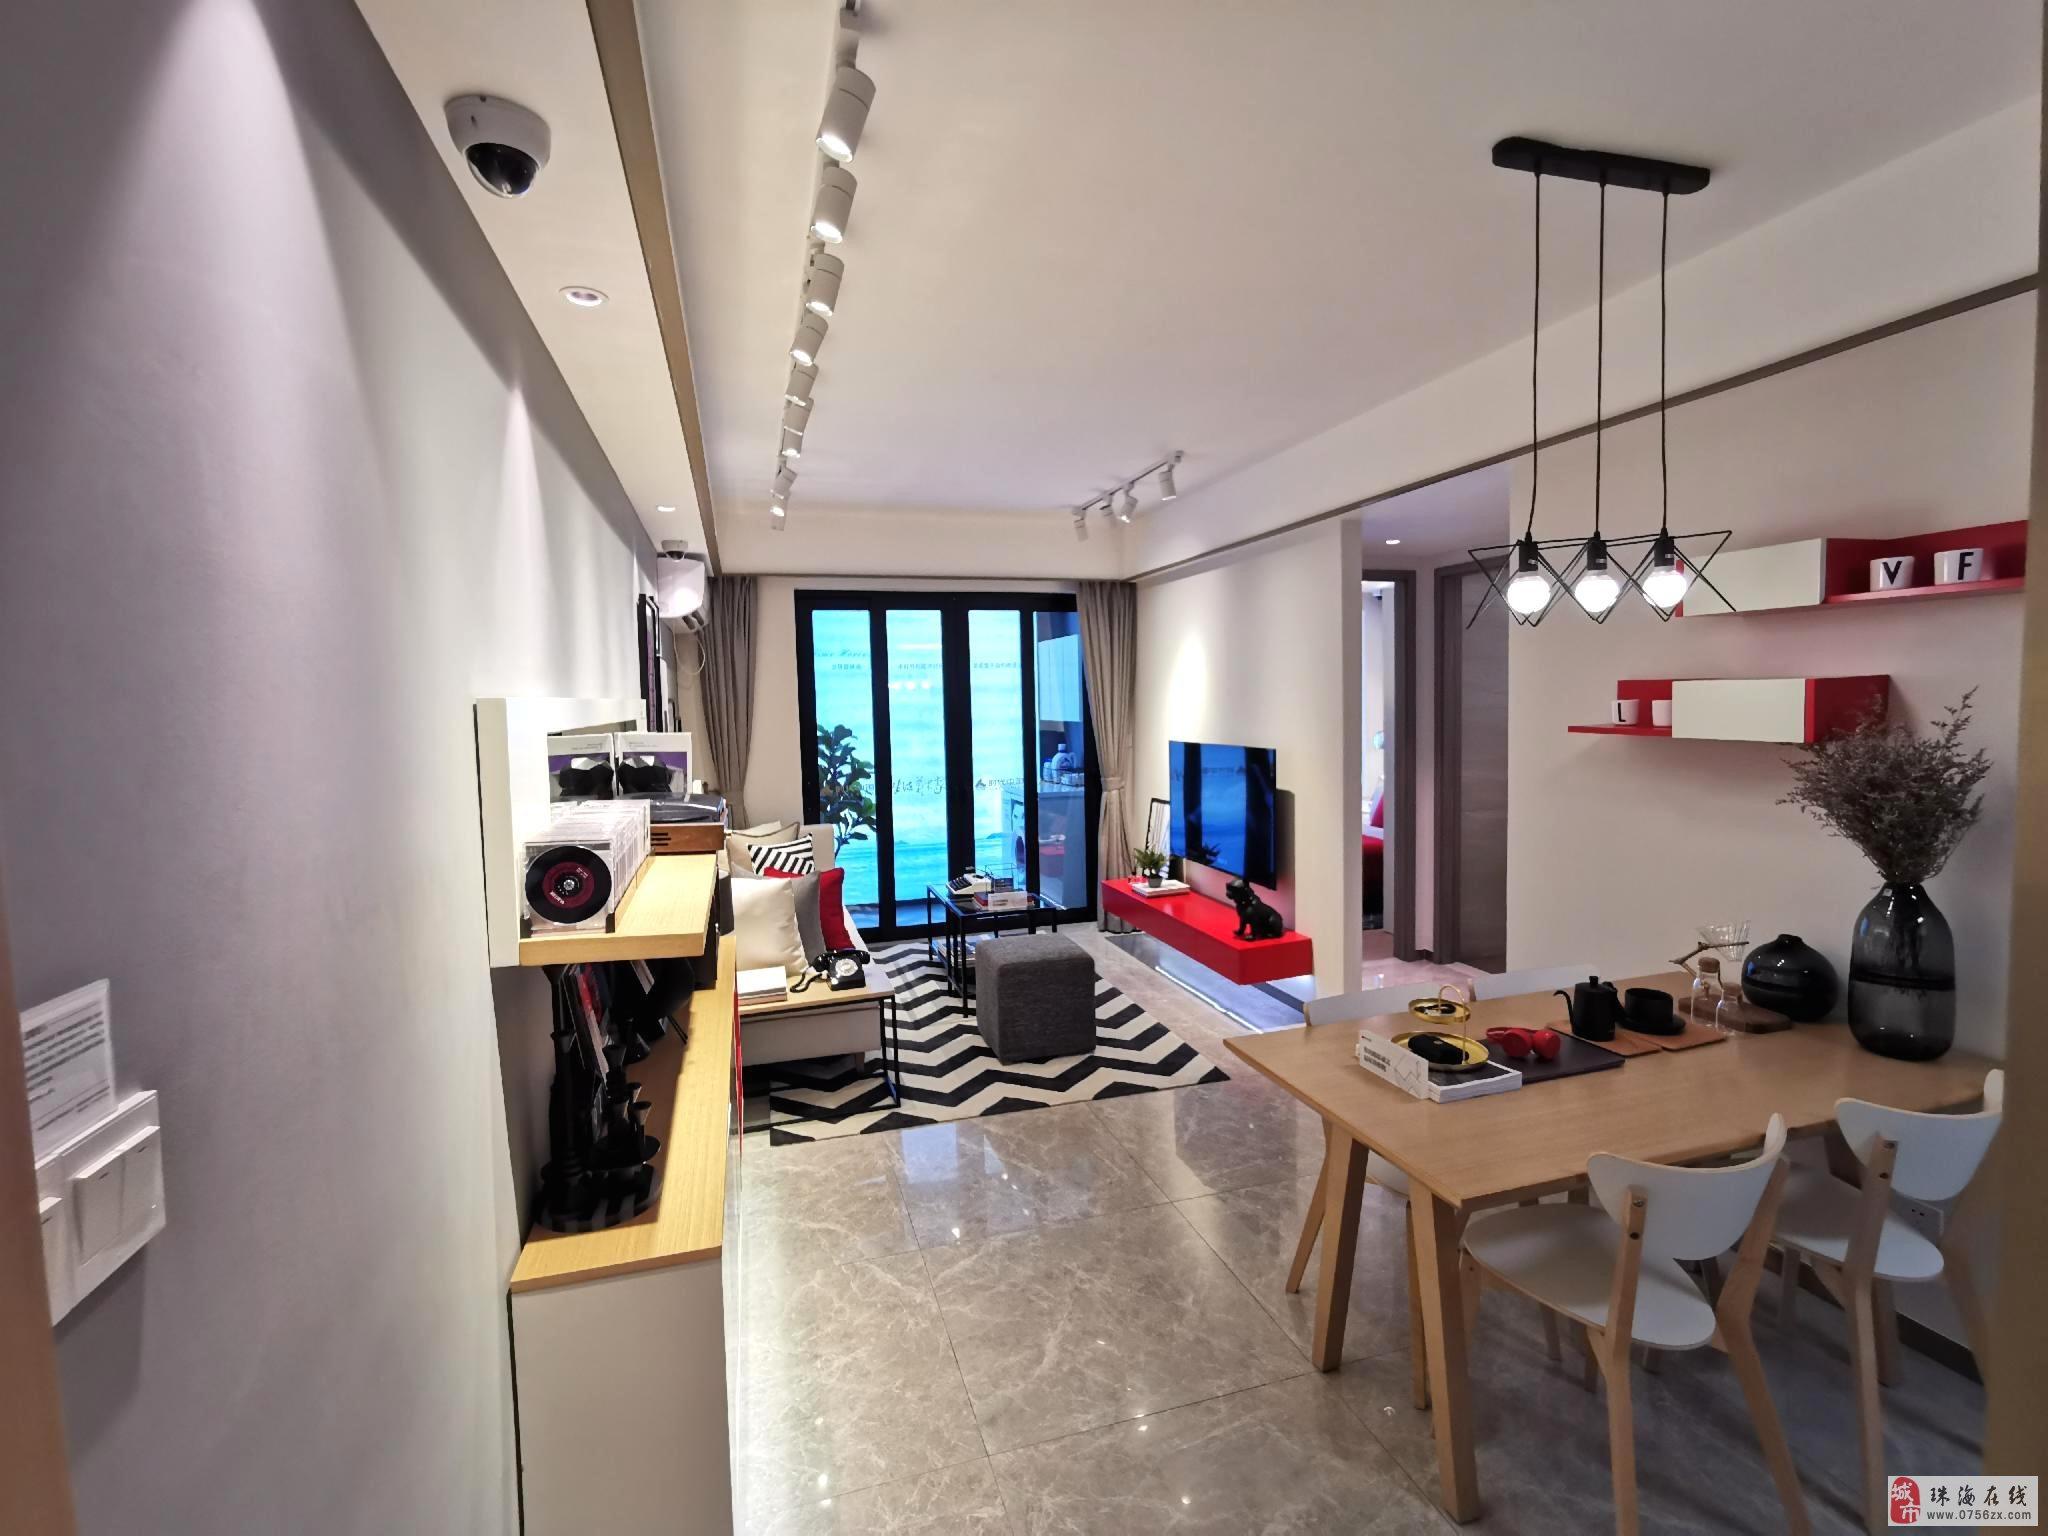 外地客户可购黄杨河畔时代天韵南向精装两房首付可分期五年